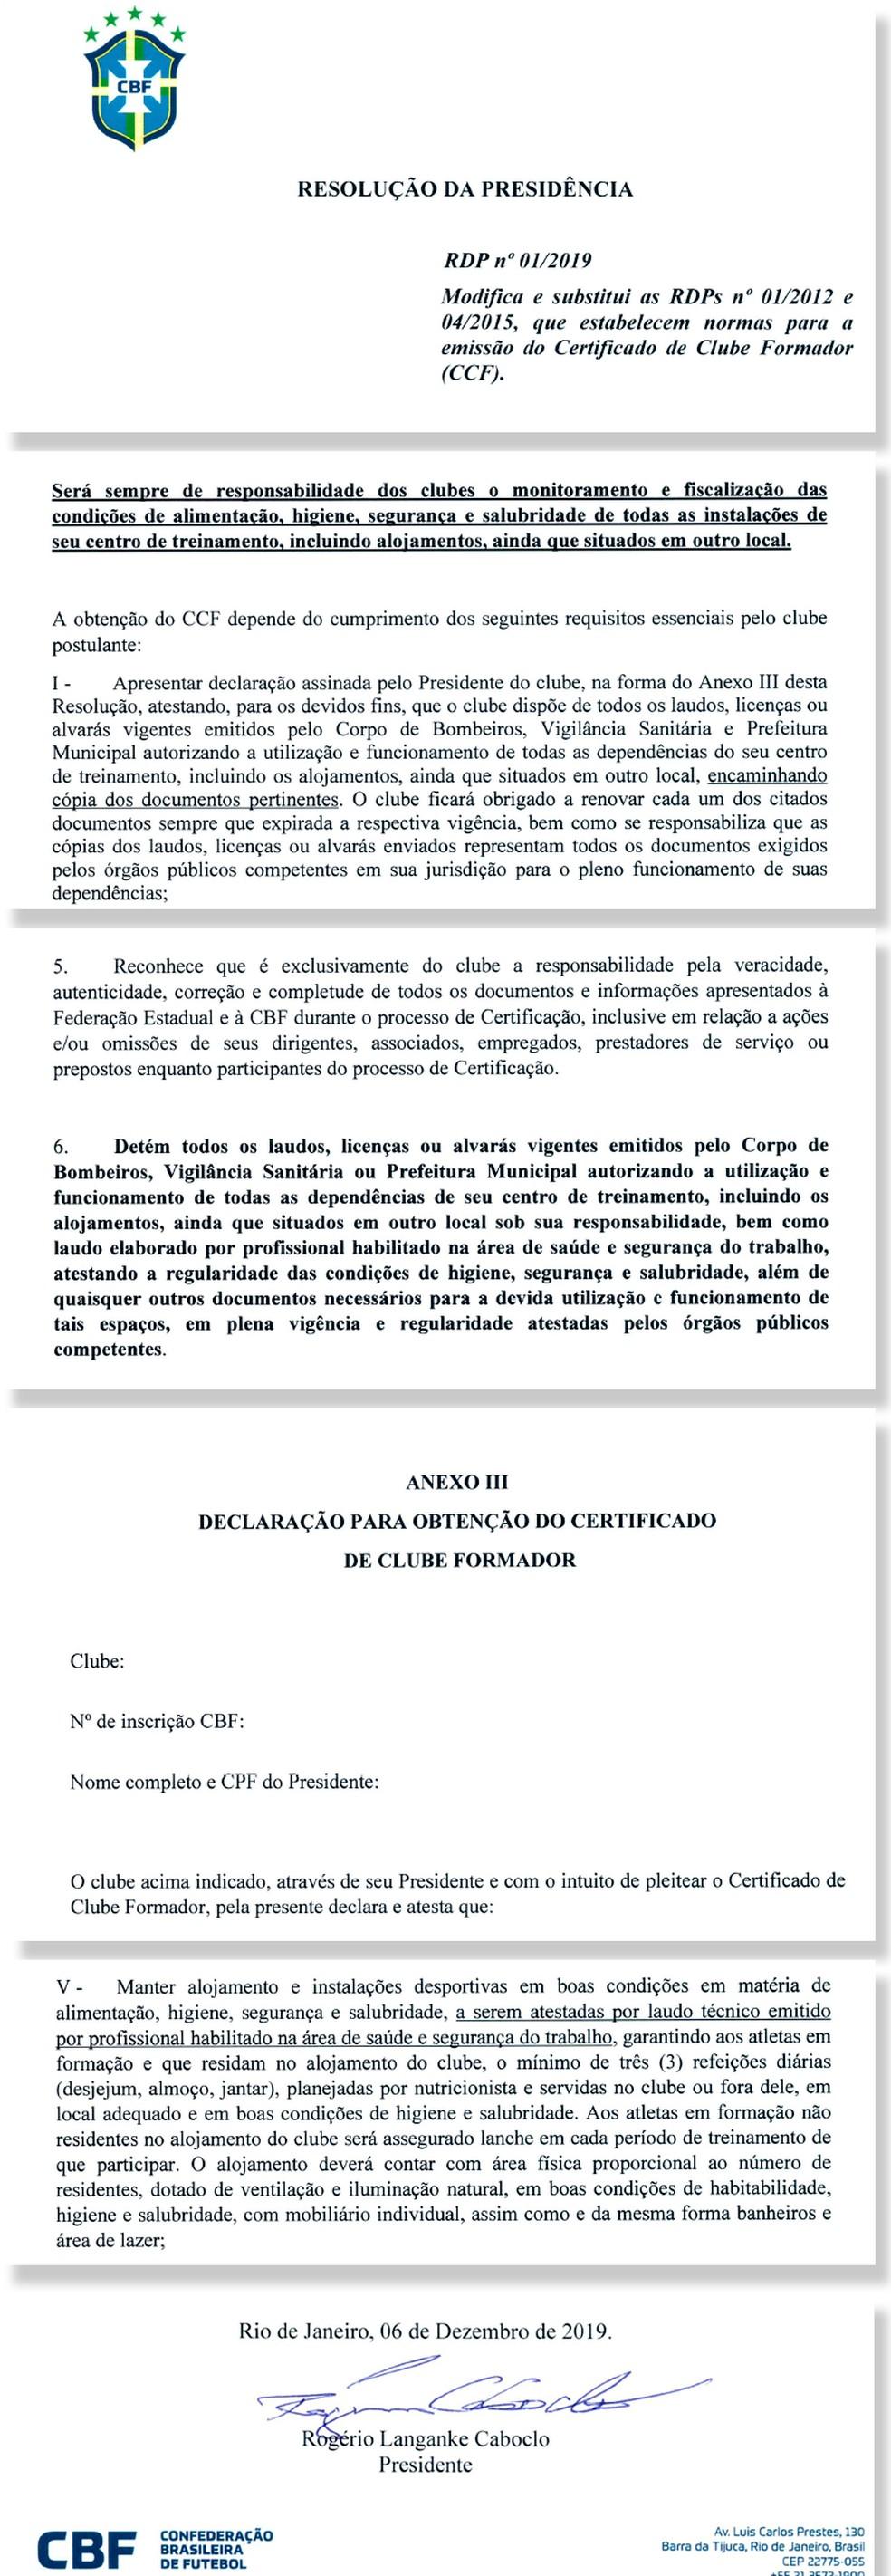 Trechos da resolução da presidência que torna mais rígida a emissão de certificado de clube formador — Foto: Reprodução